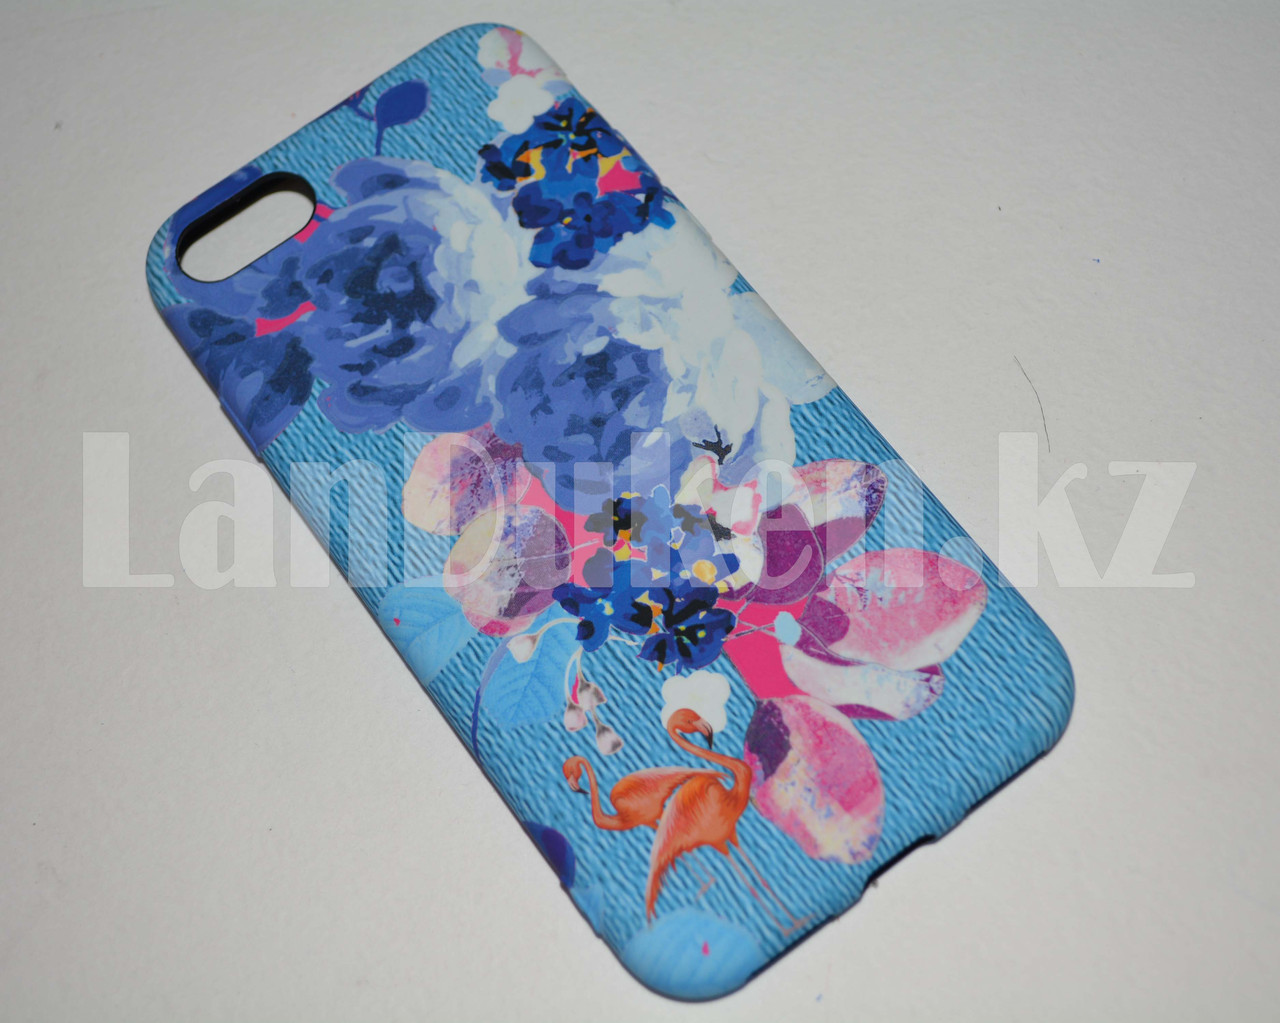 Чехол на Айфон 7 (iPhone 7) Luxo силиконовый матовый принт фламинго и пионы голубой - фото 4